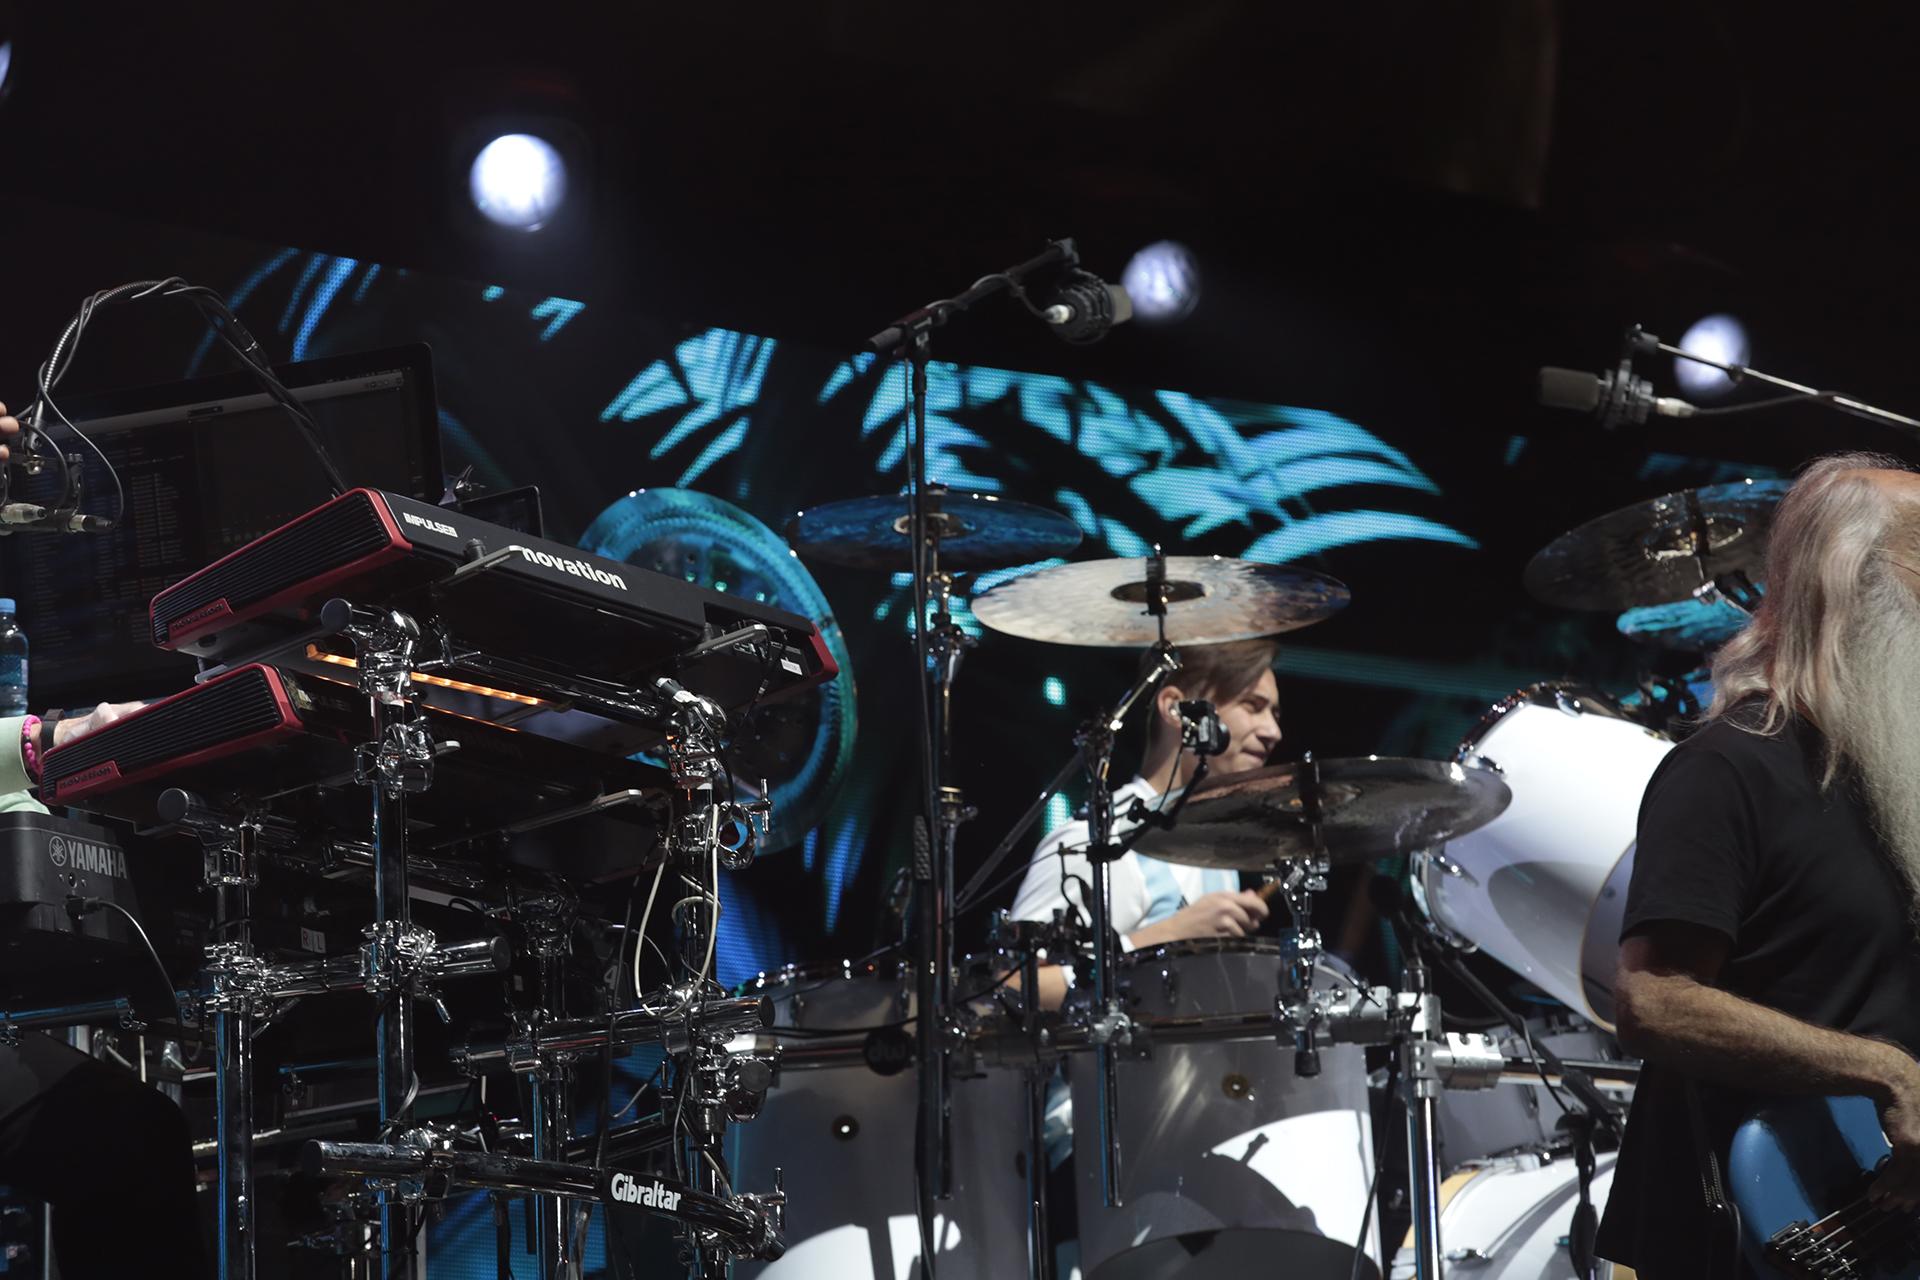 Nicholas Collins, hijo del cantante, lució una remera de Argentina en el escenario